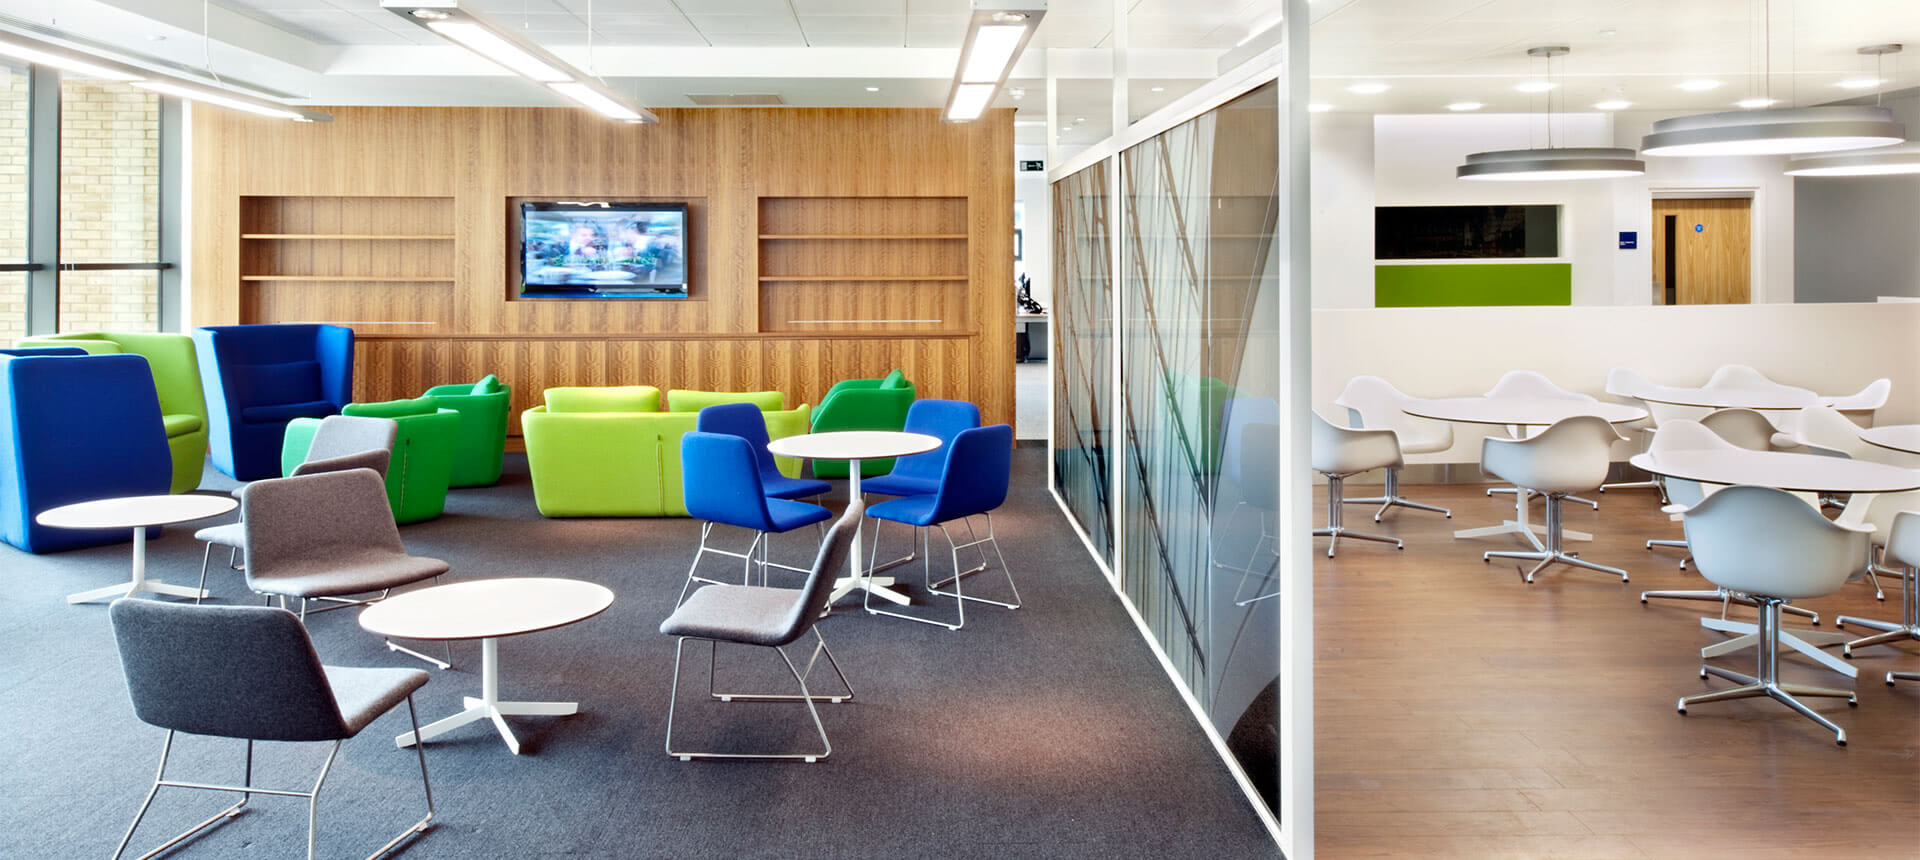 Deloitte newcastle uk callisonrtkl for Office design newcastle